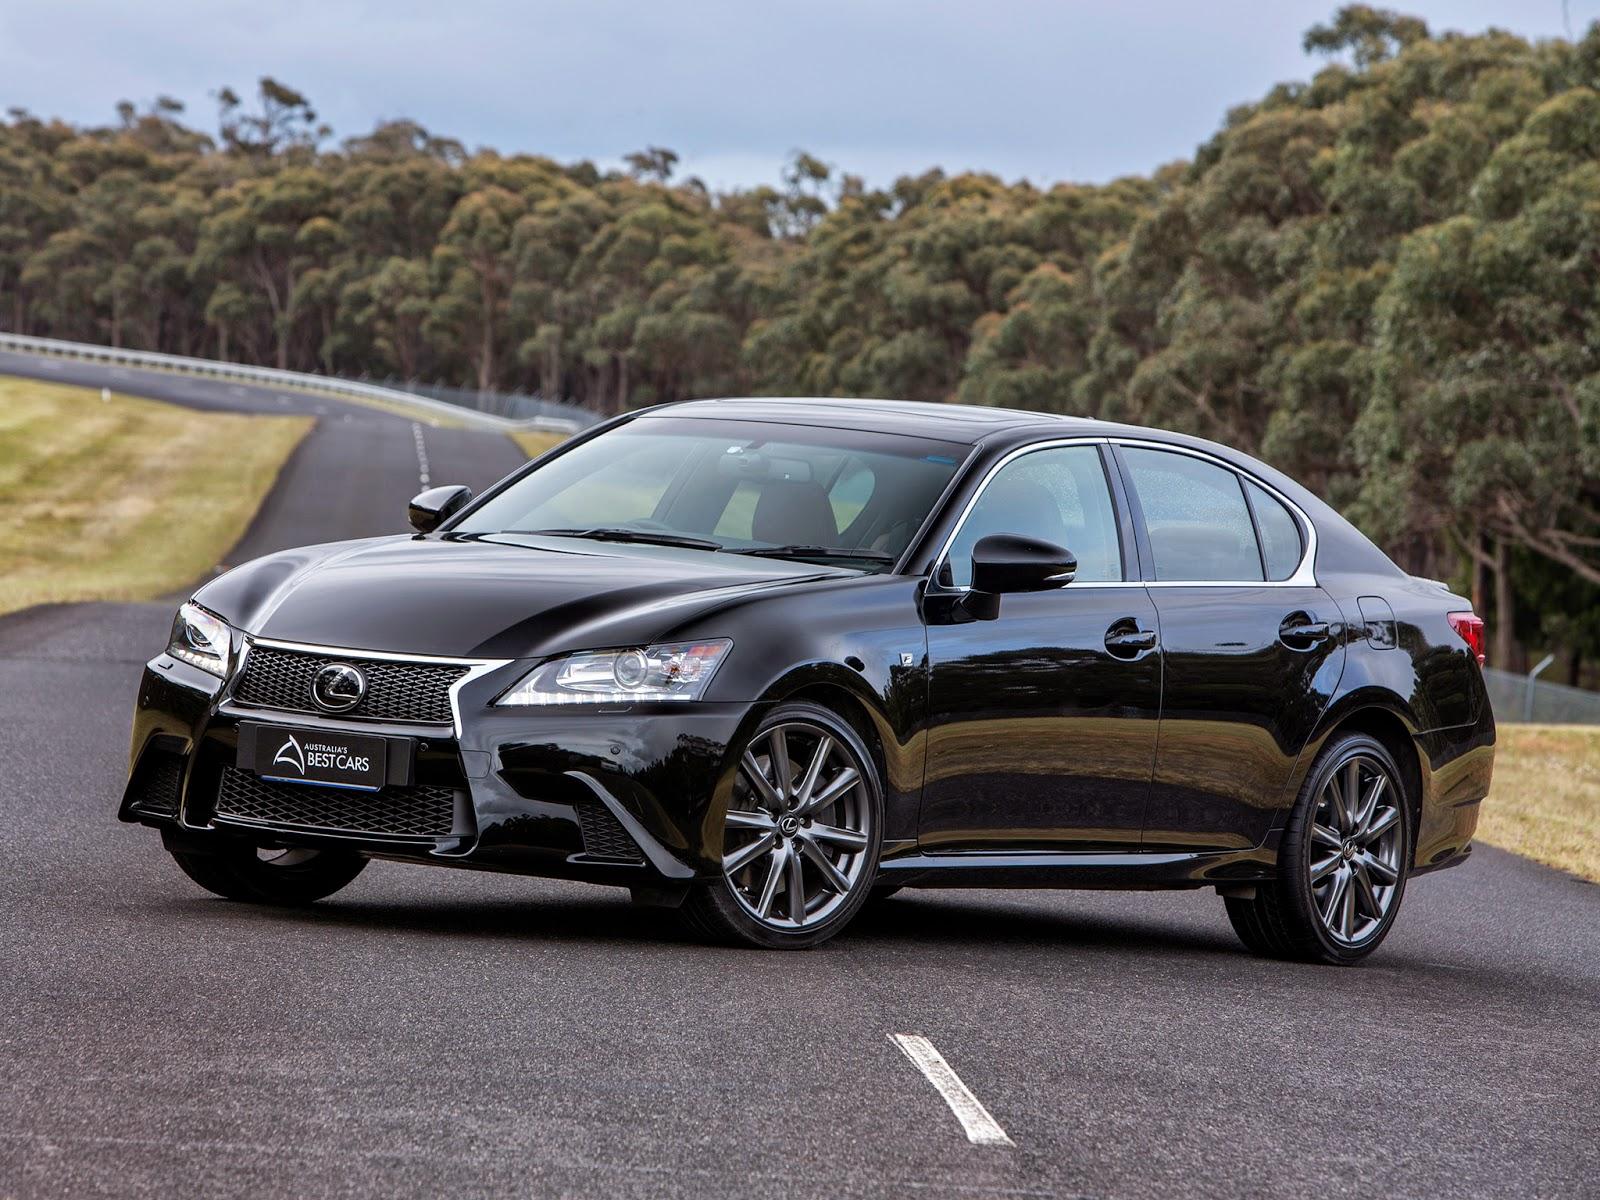 Giá xe Lexus GS350: 3.595.000.000 VNĐ